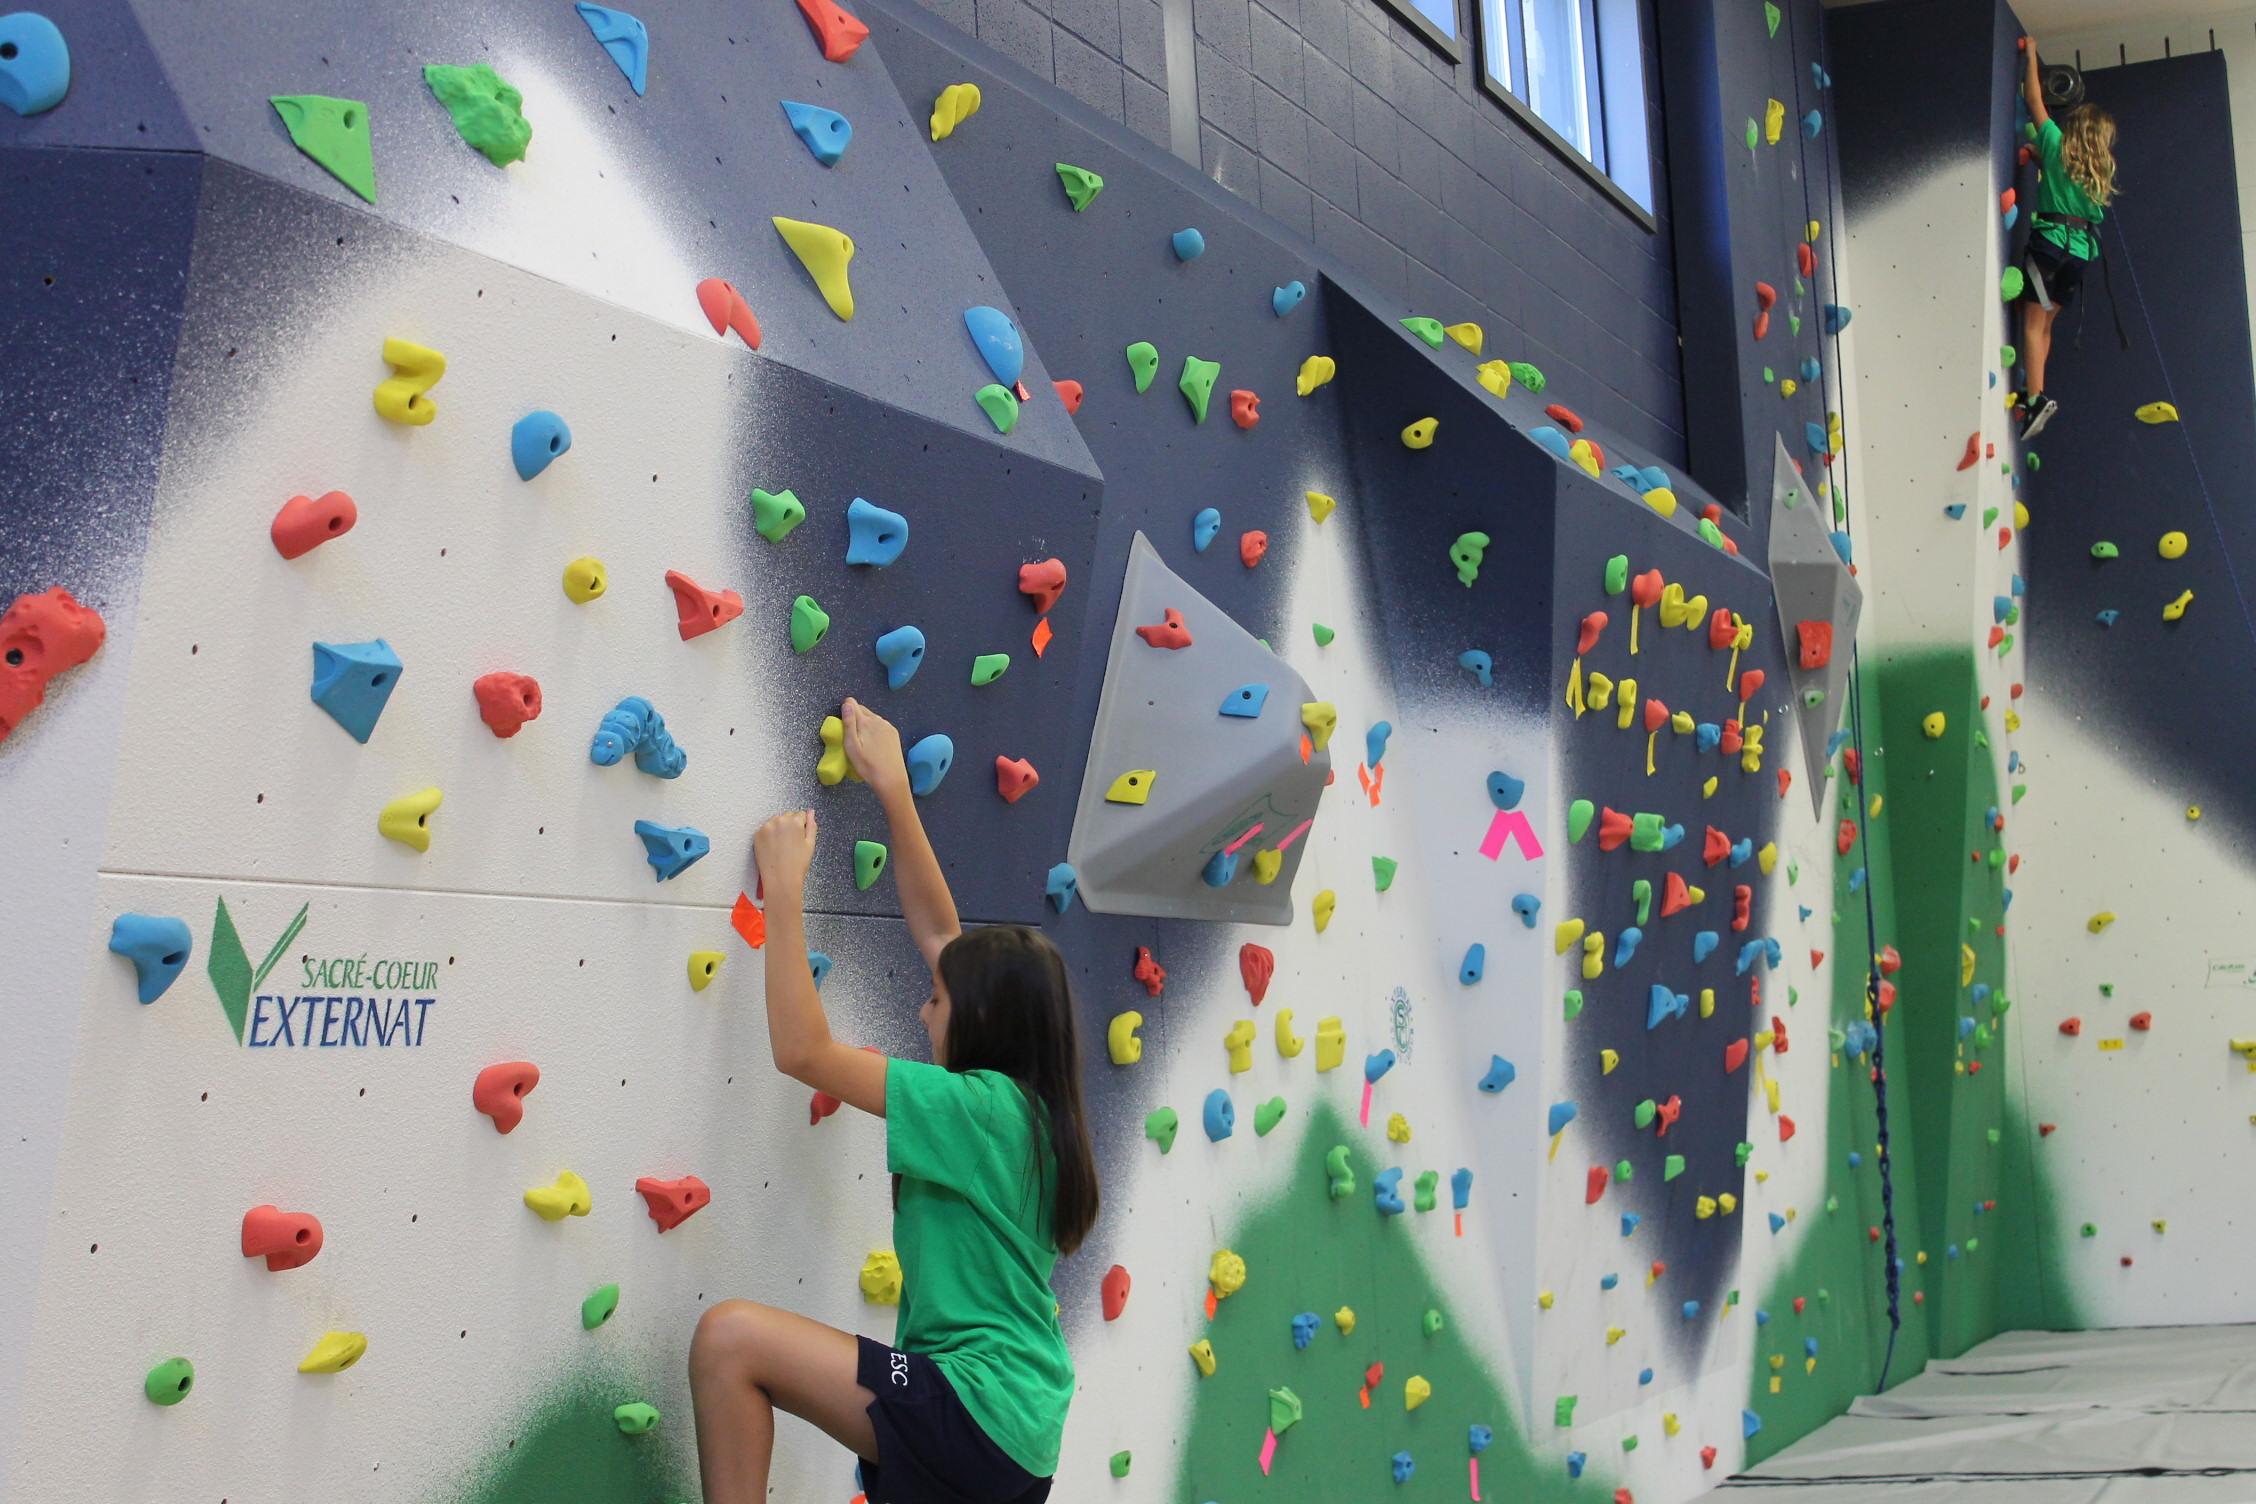 Un nouveau mur d'escalade à l'Externat Sacré-Cœur!